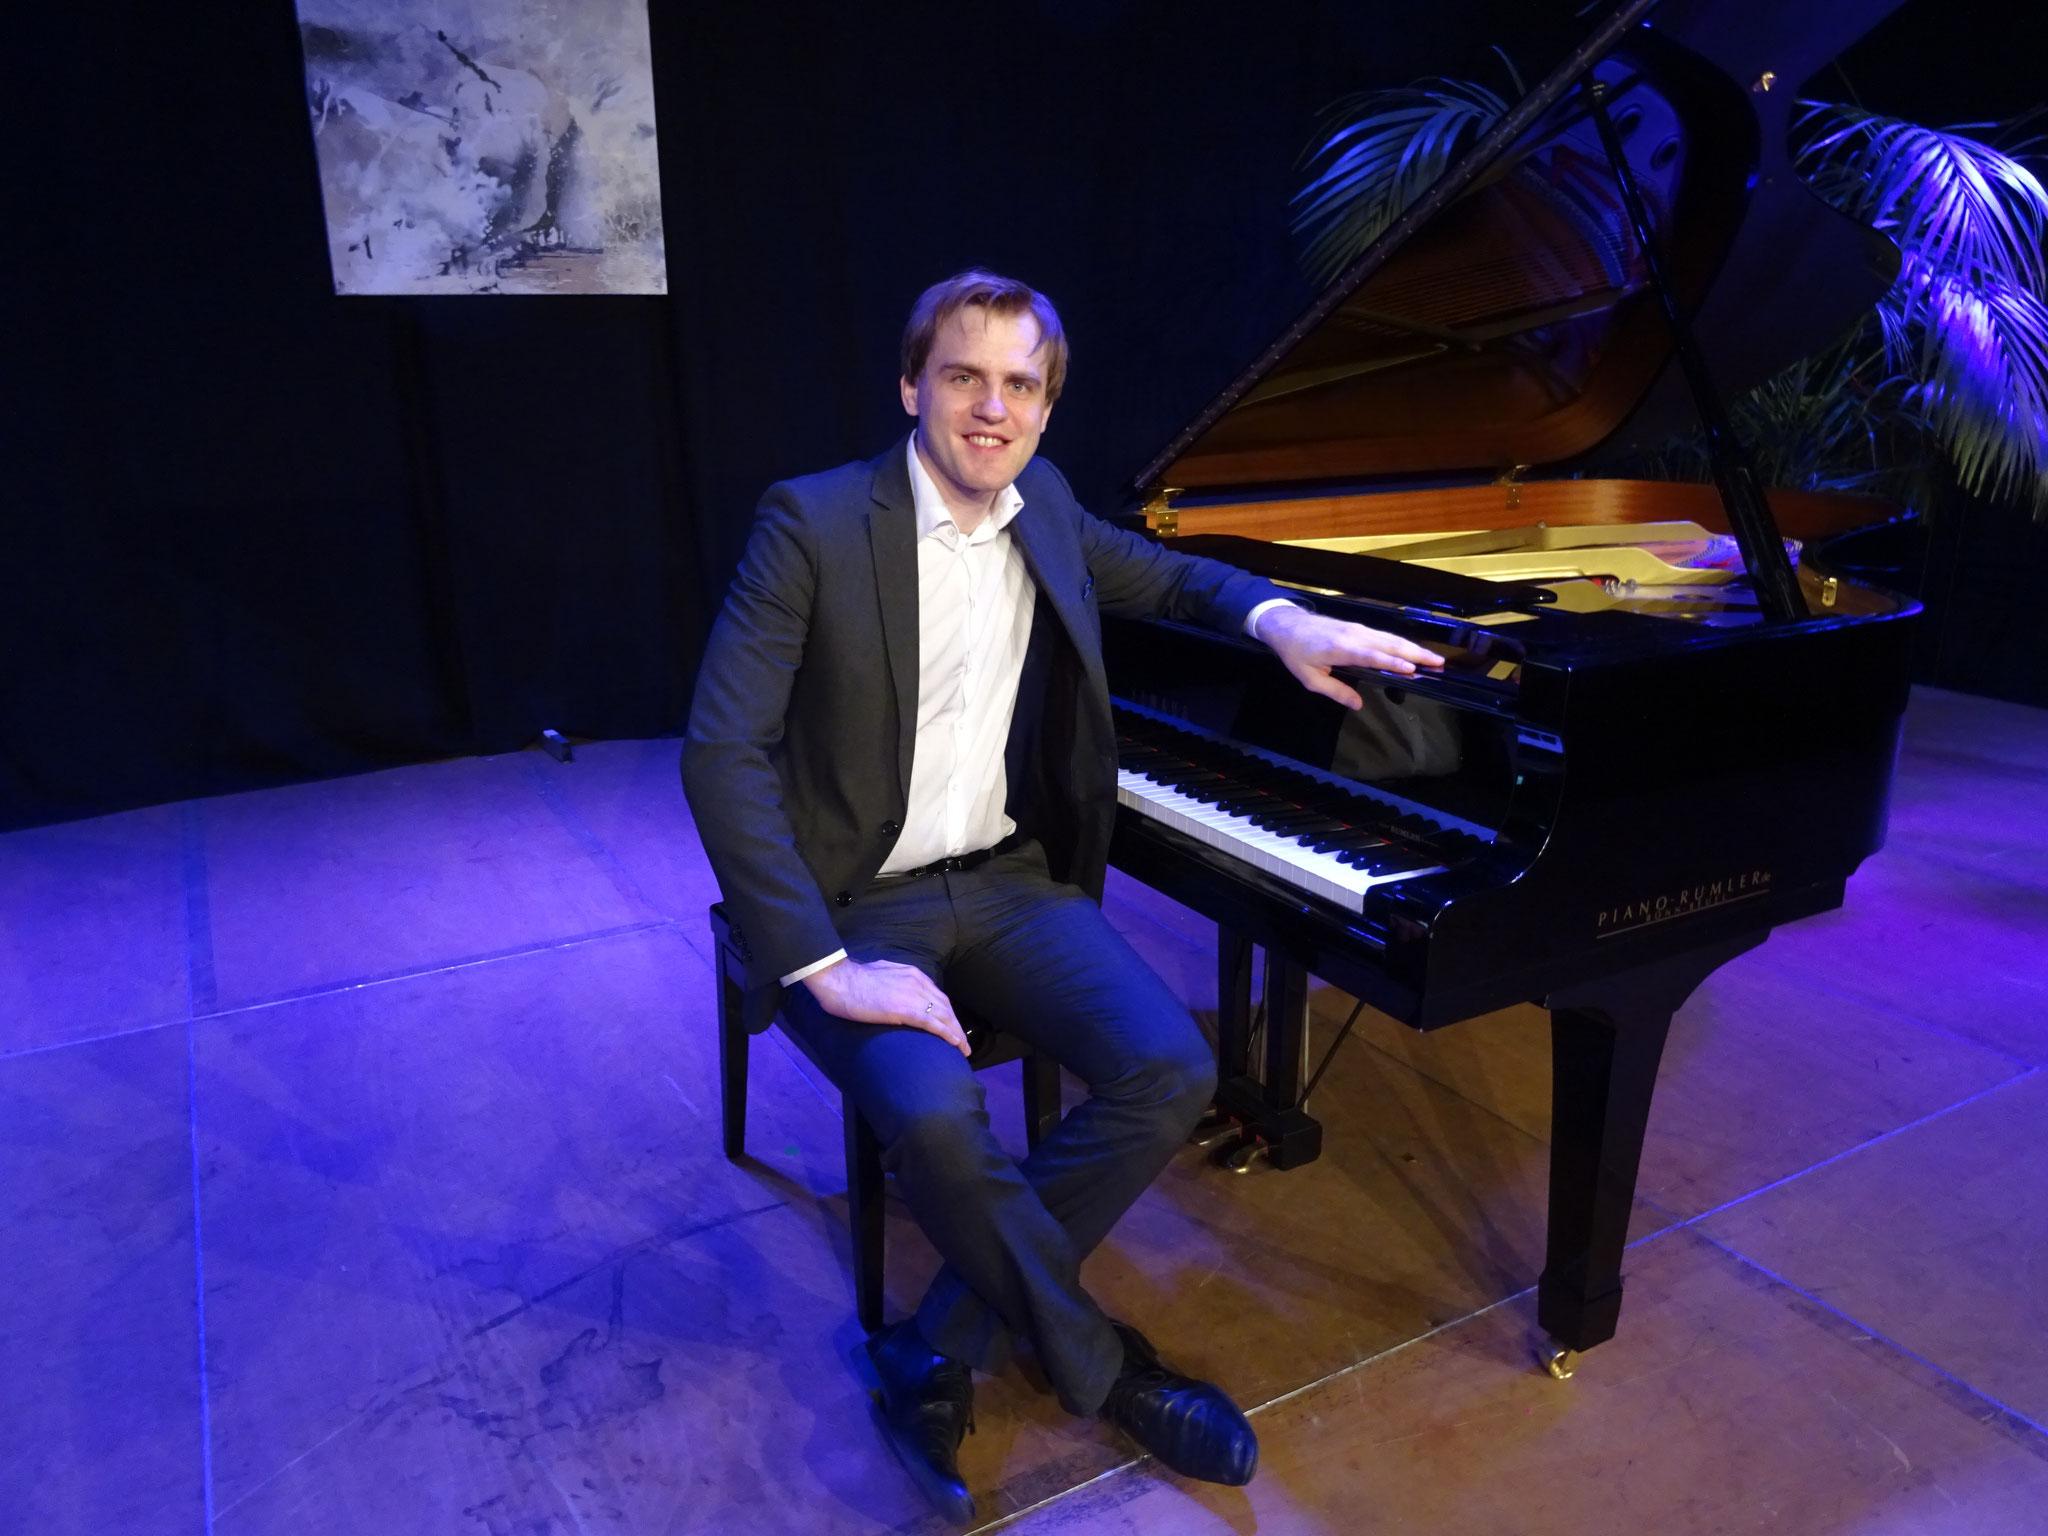 Florian Koltun begeisterte mit seinem Klavierkonzert das Publikum.